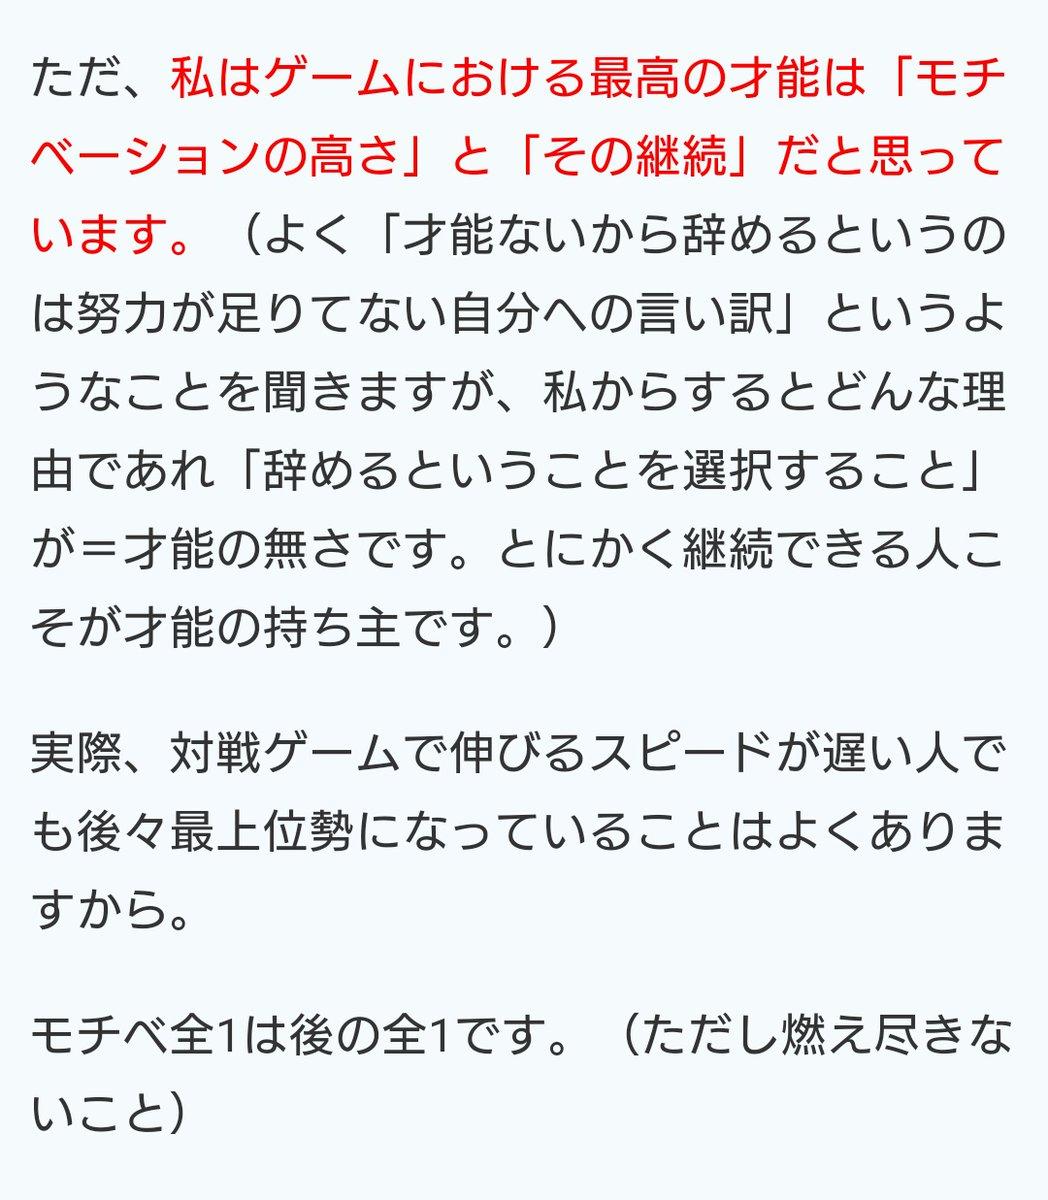 @x_inumaru_x ログイン日数5年間相当以上と、続けられてきた事こそ犬丸さん最強の武器であり、才能ですよ!画像は、とあるスマブラ攻略サイトより引用させてもらったものですが、いいこと書いておられるなぁと素直に思いますのでね。モンストは対戦ゲームではありませんが、続ける事が尊い事に変わりはない。